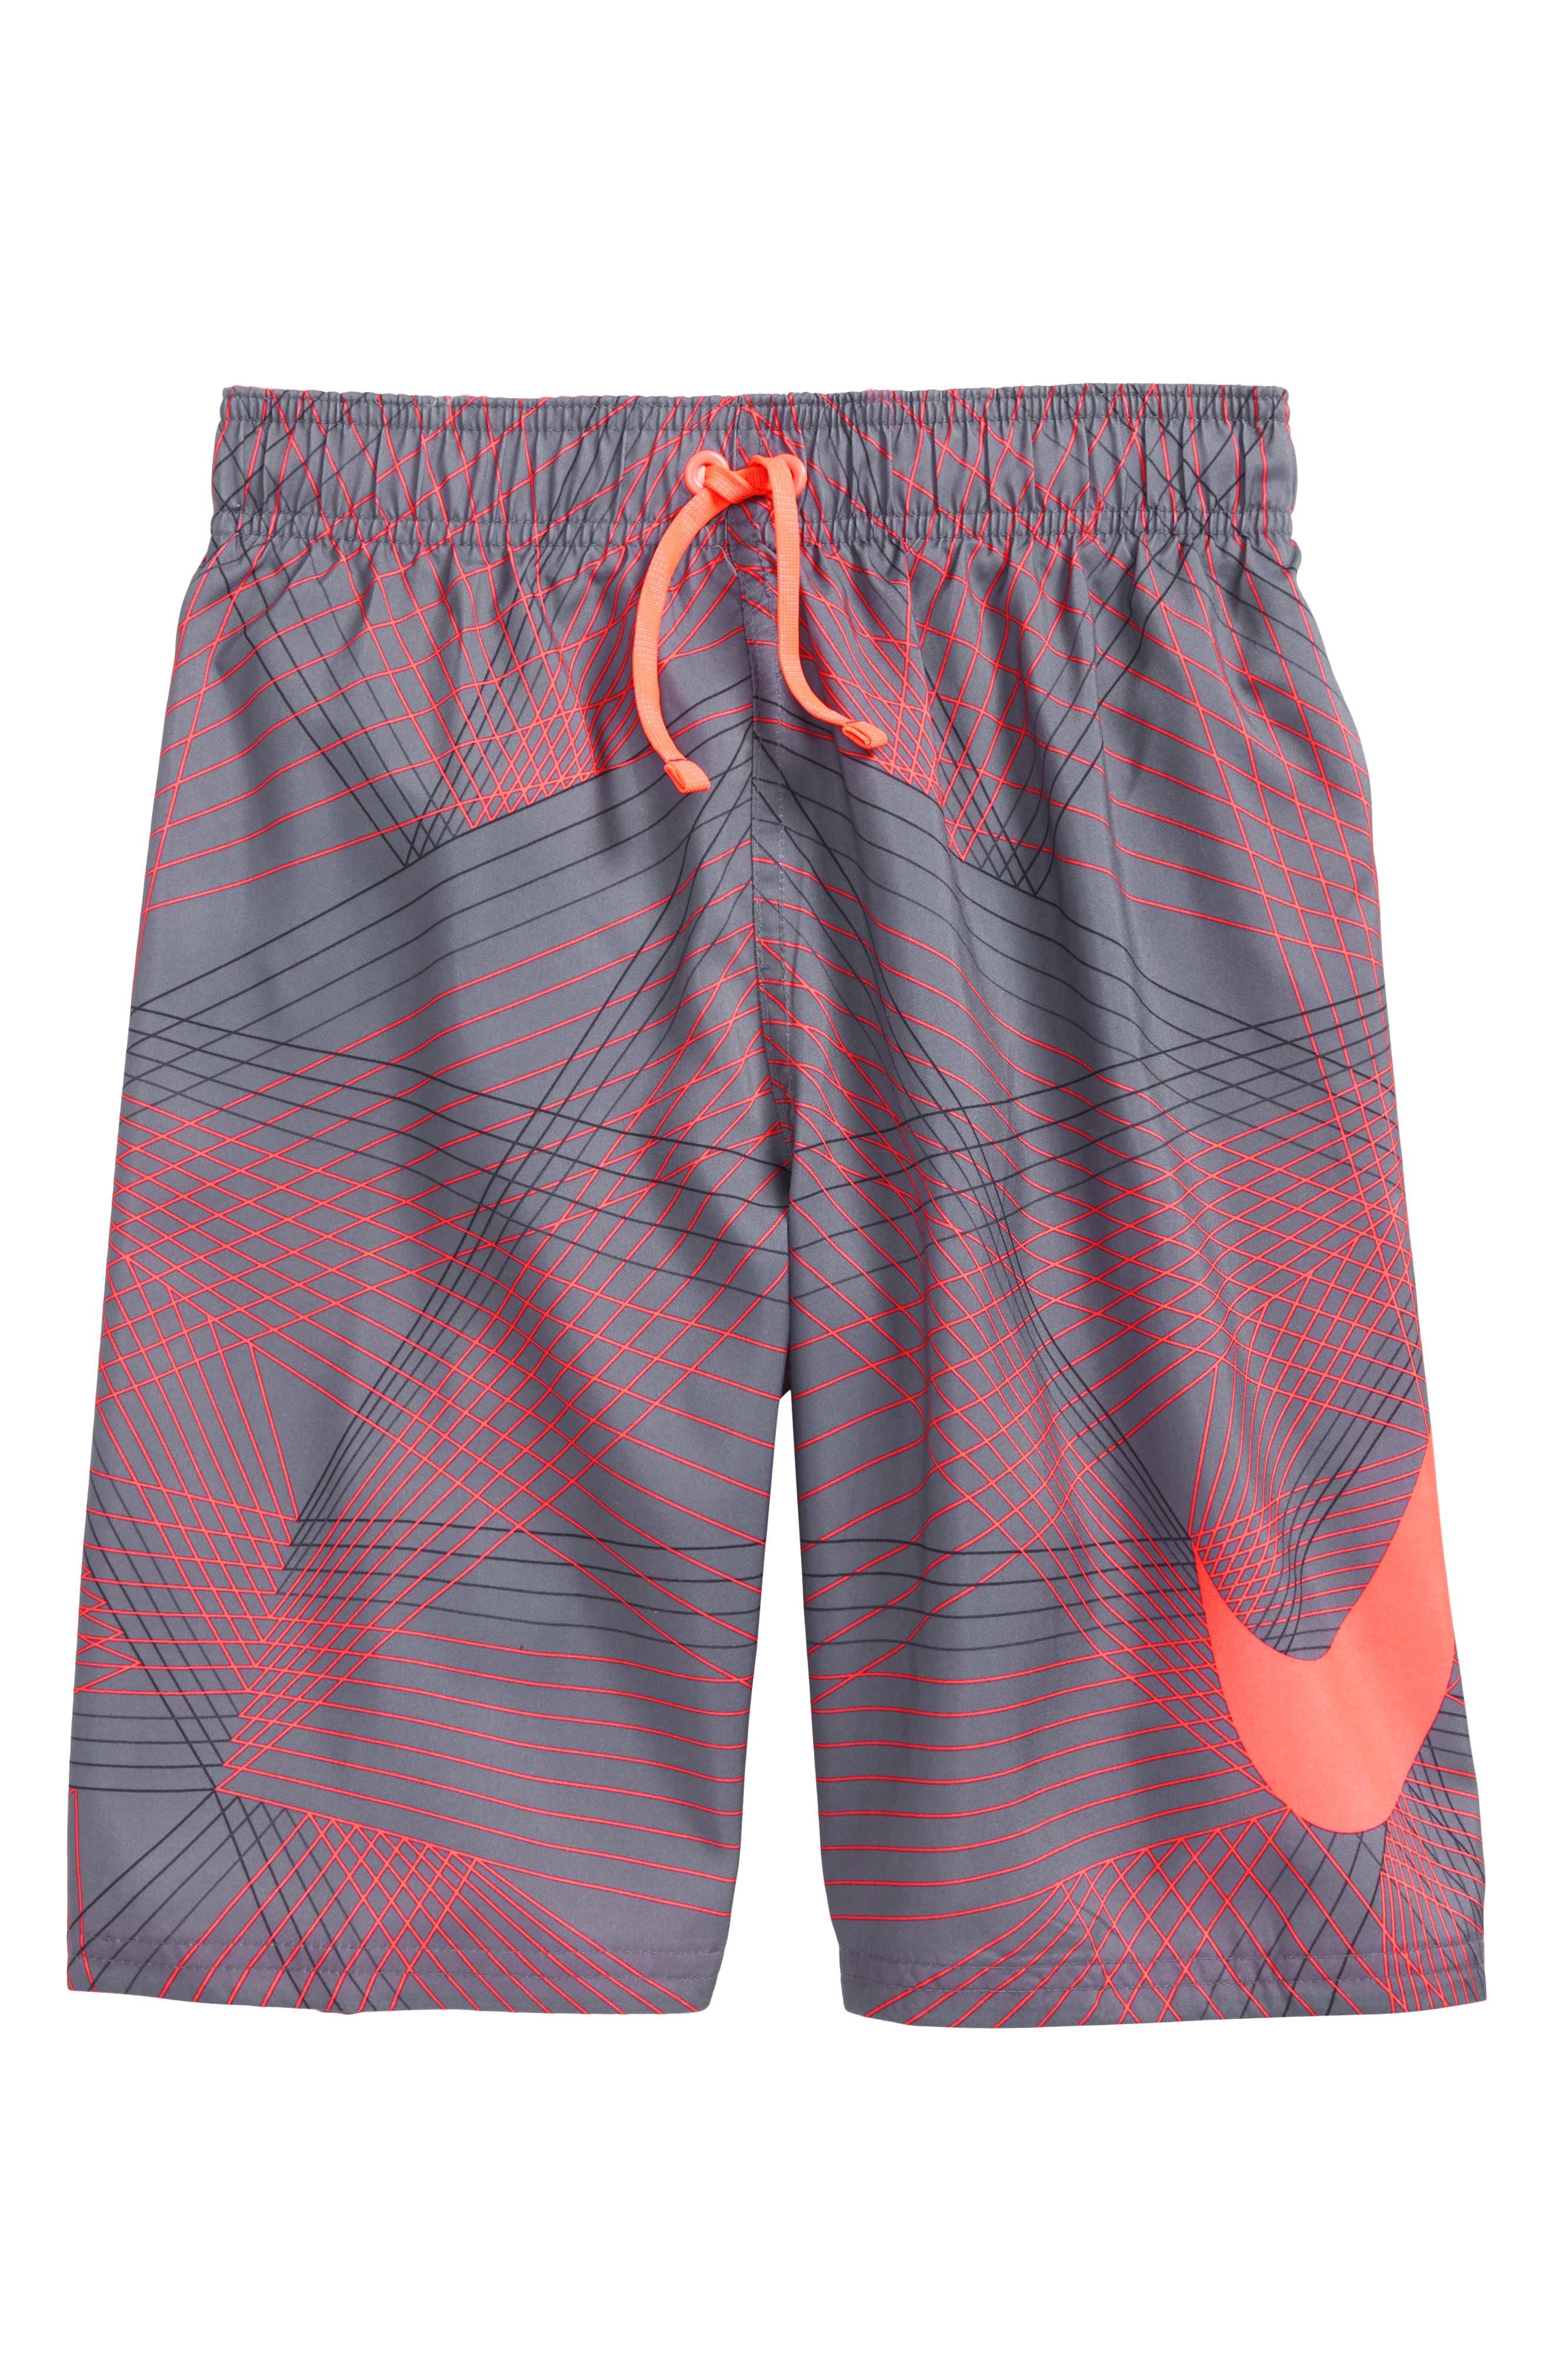 Breaker Volley Shorts,                             Main thumbnail 1, color,                             020